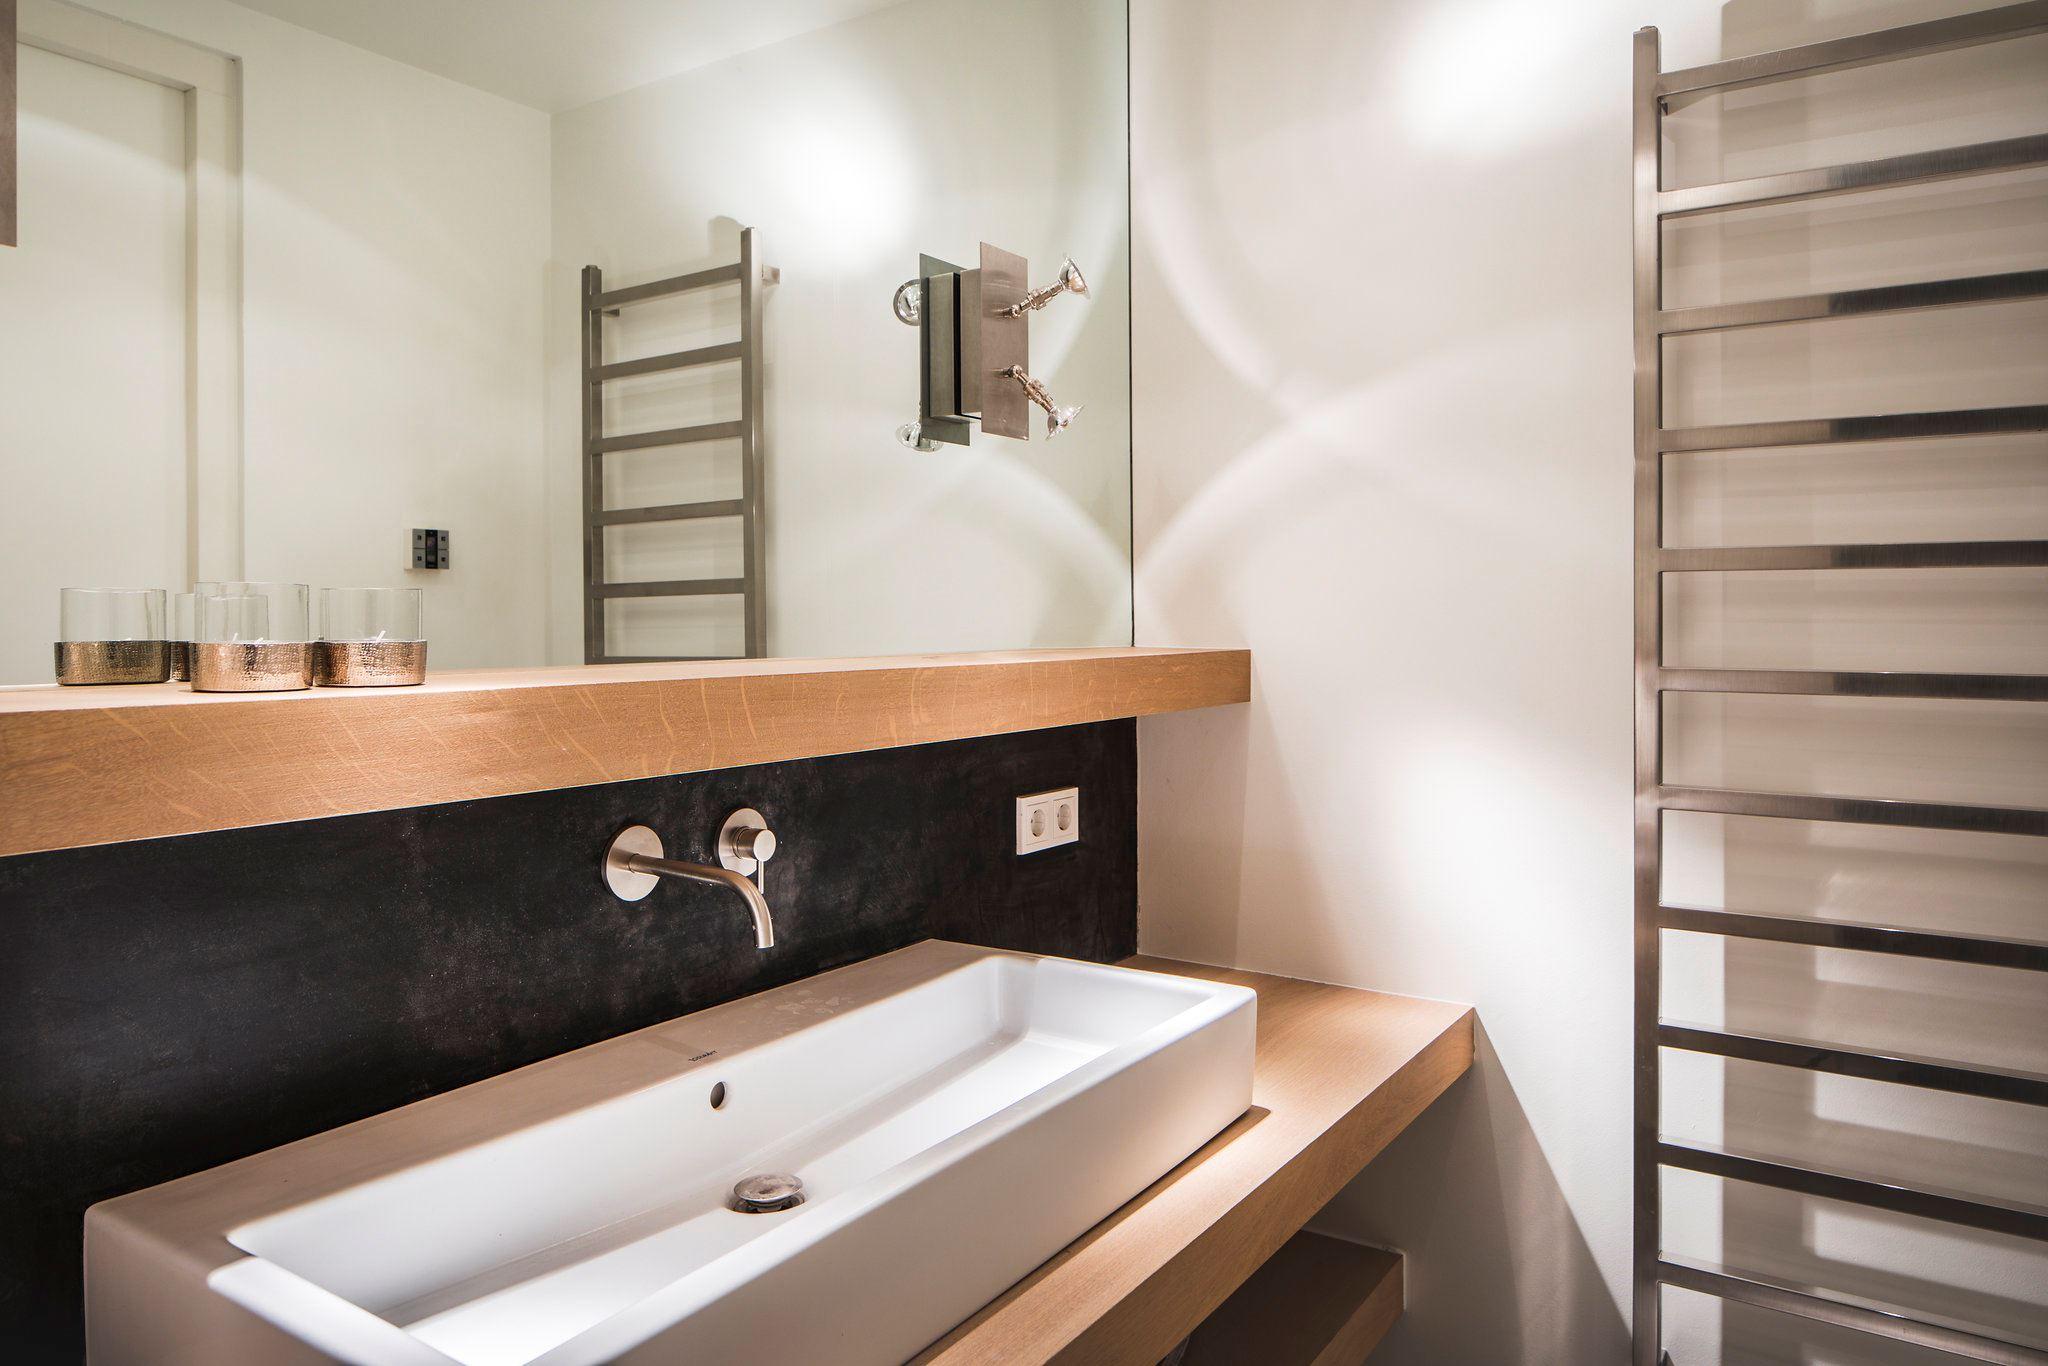 раковина на столешнице полотенцесушитель в ванной